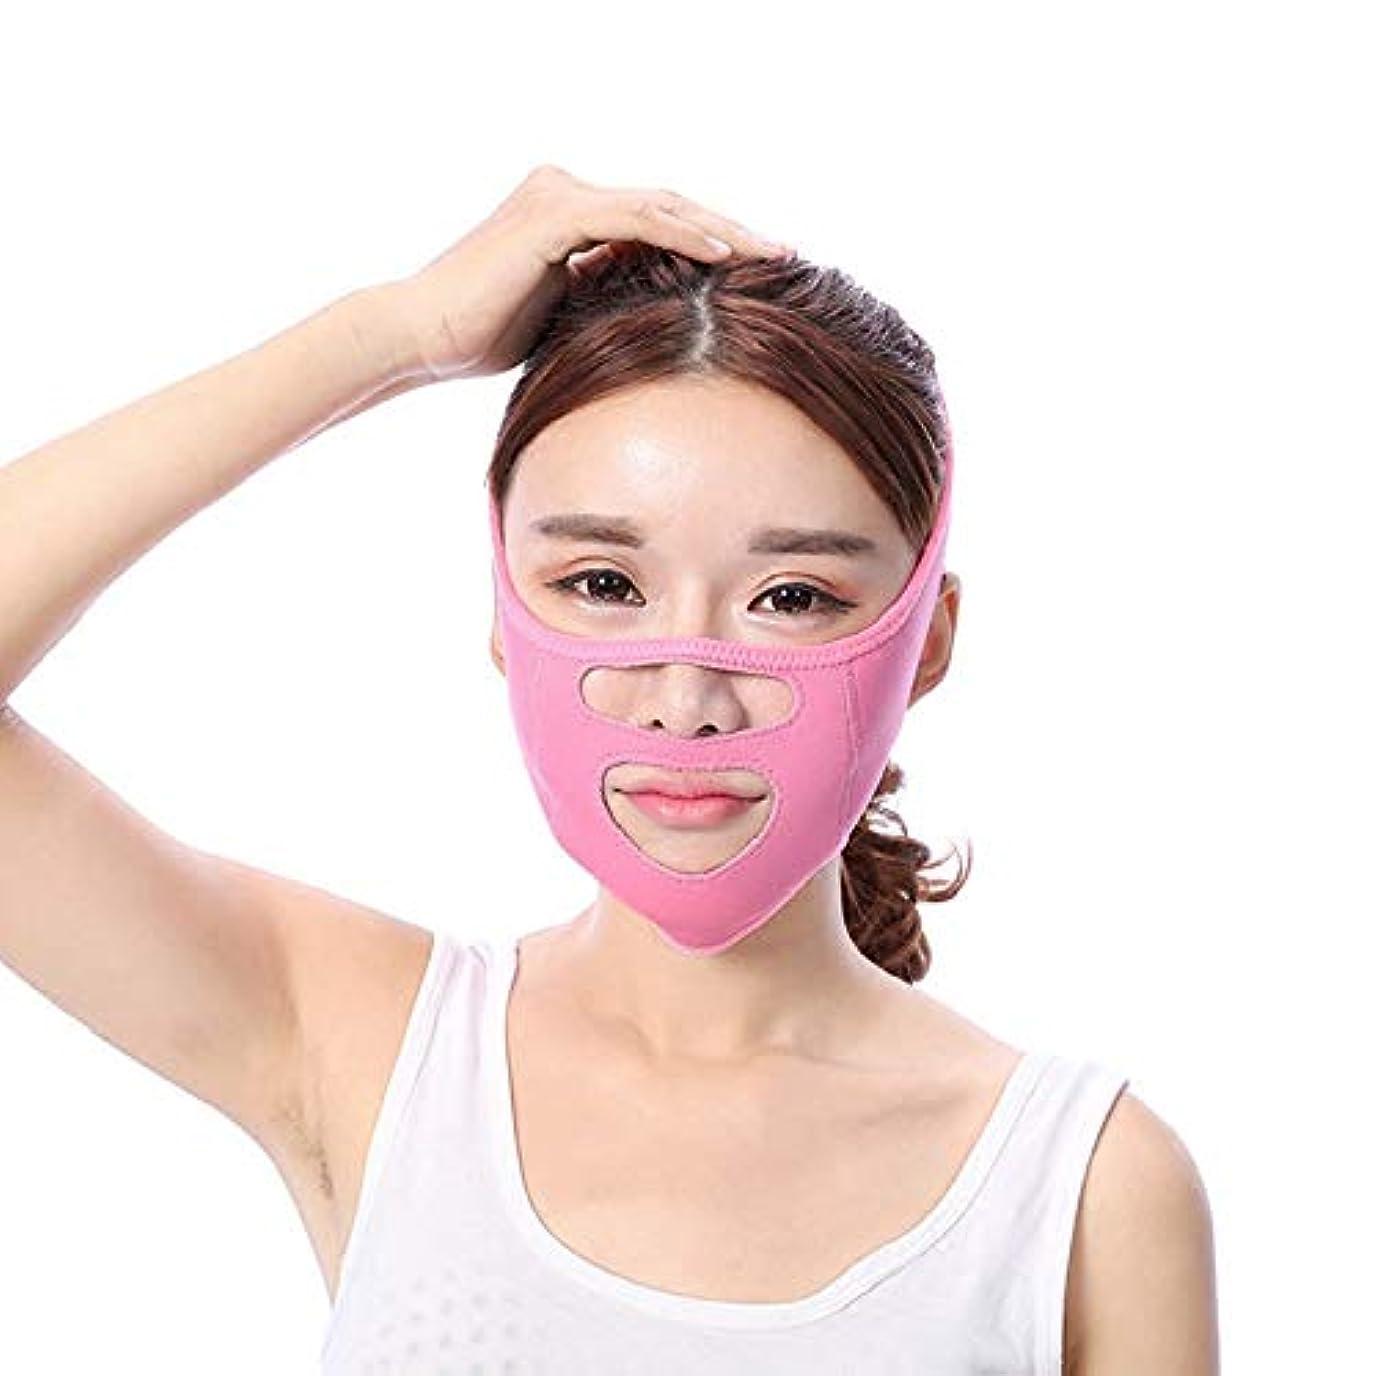 宇宙のが欲しいアンペアフェイスリフトベルトフェイスバンデージ美容機器リフティングファインディングダブルチン法令Vマスク睡眠マスク通気性